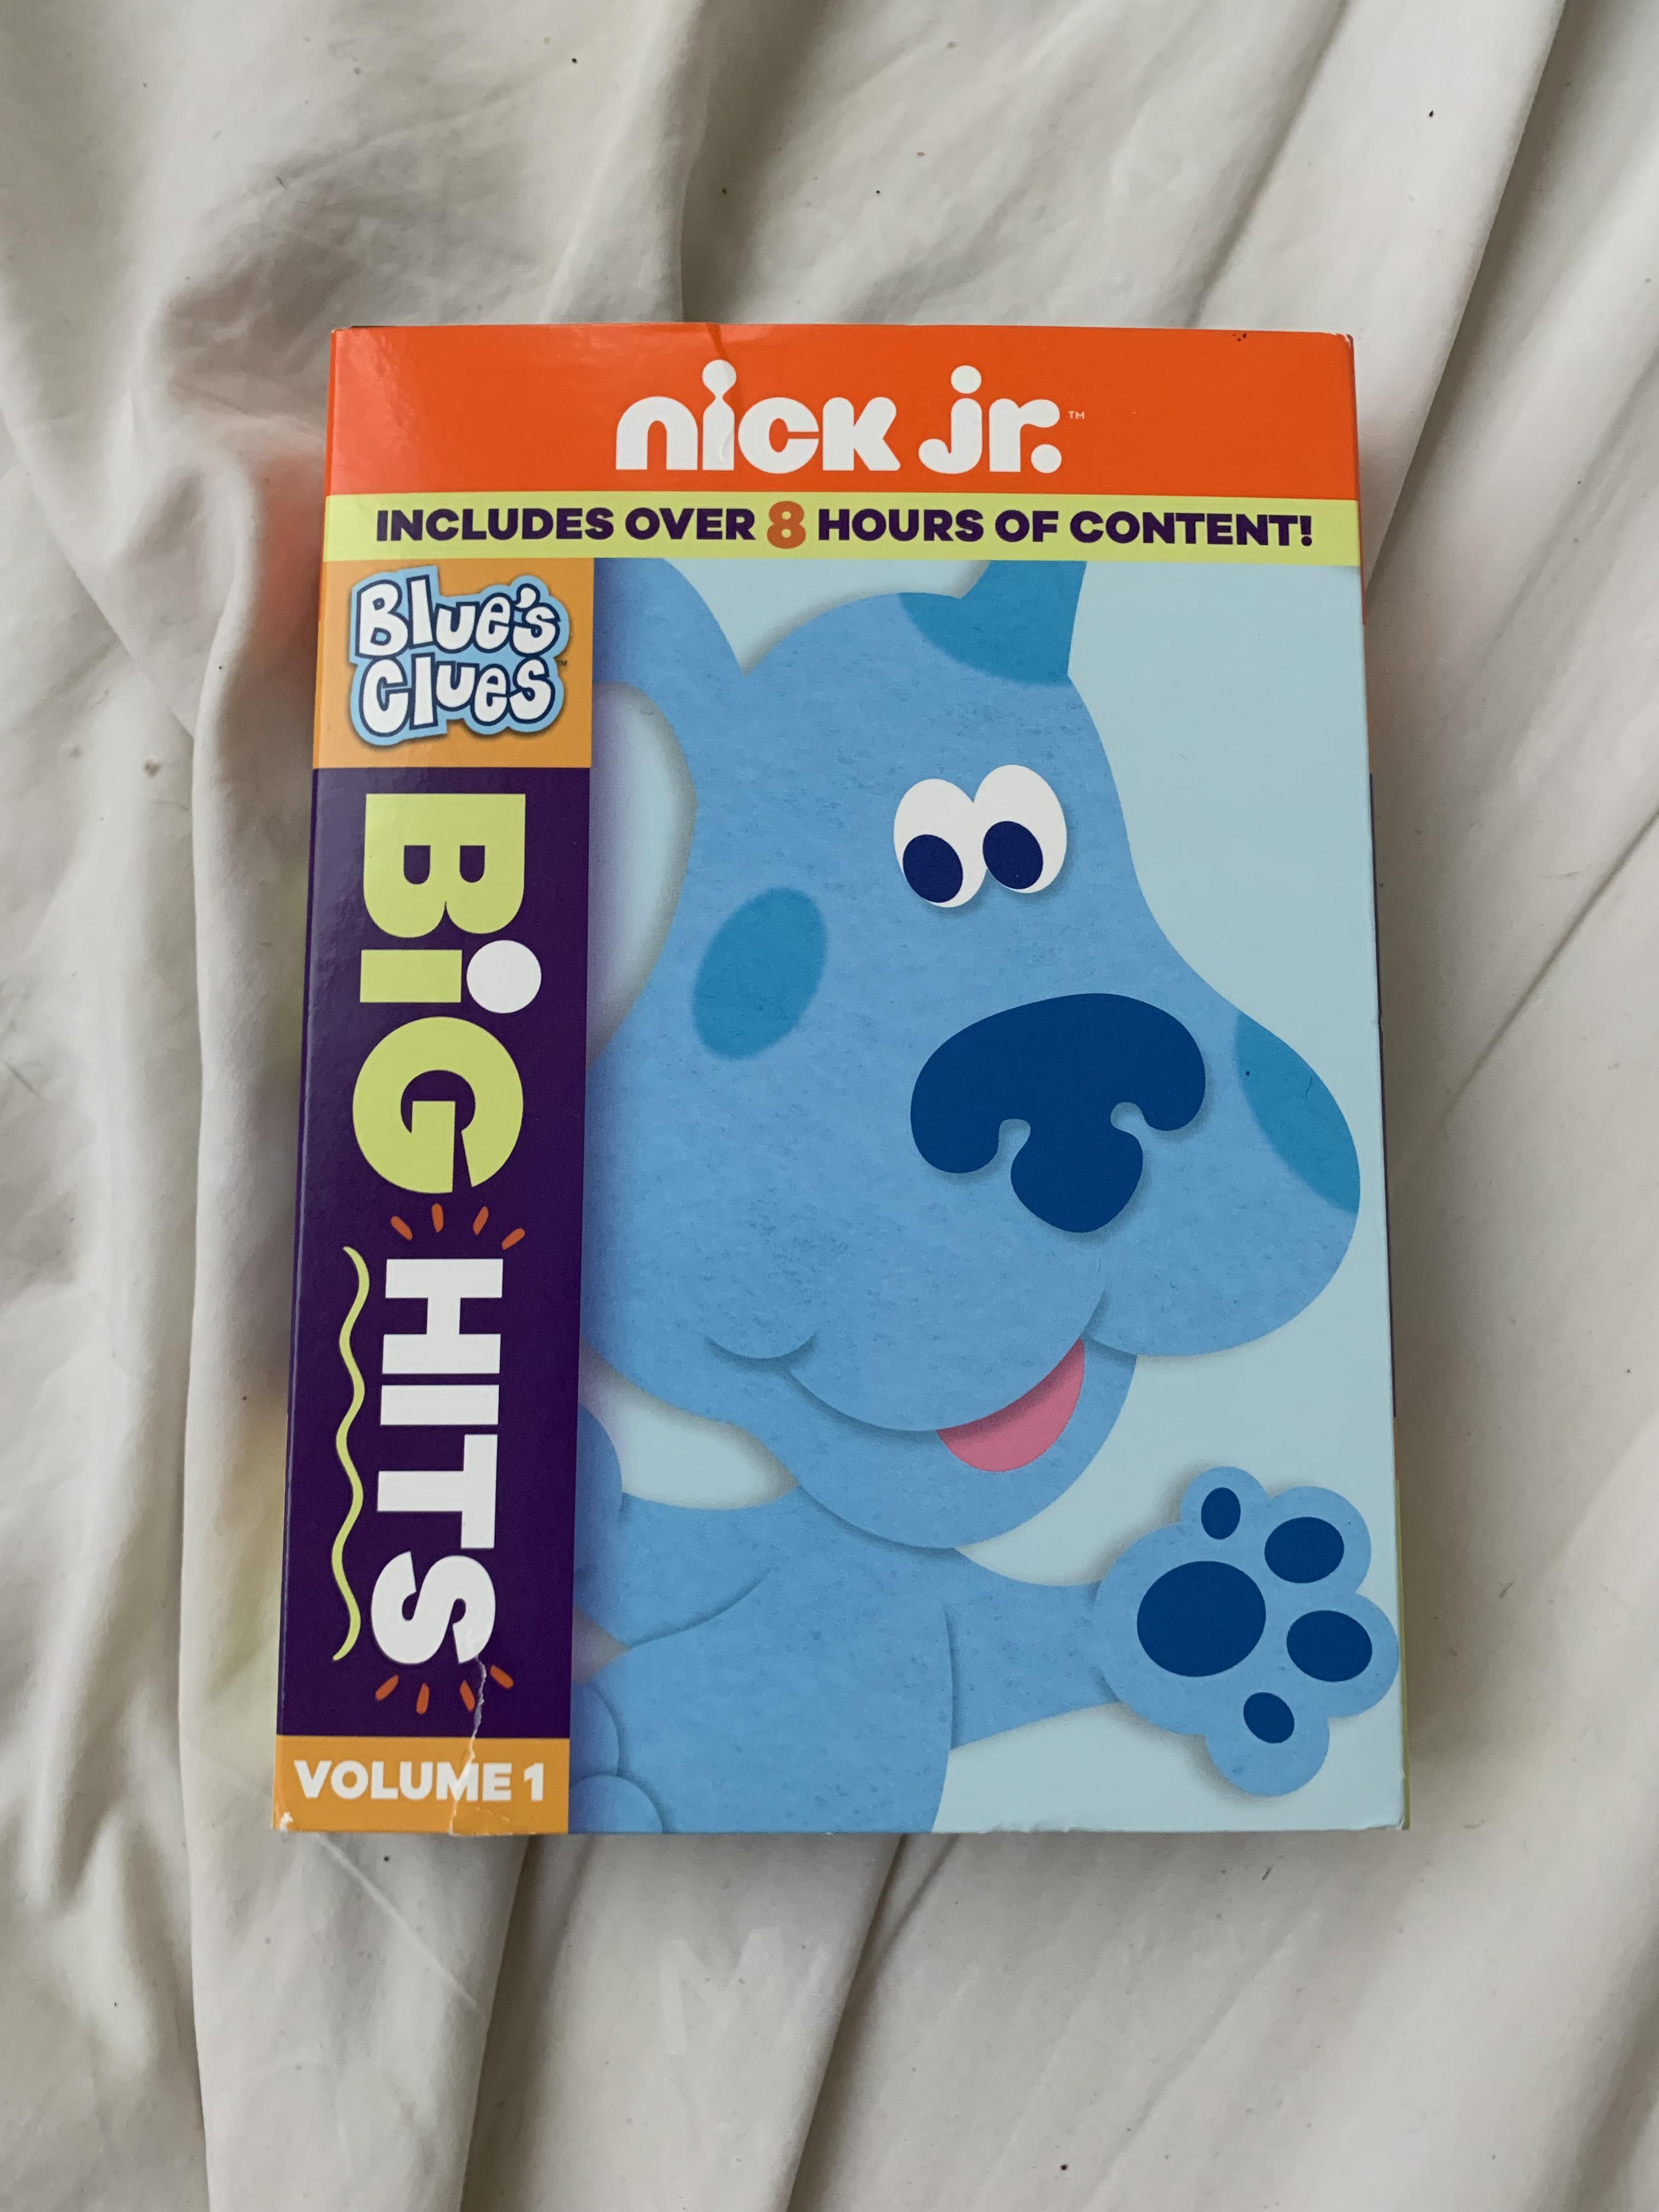 Blue's Clues Season 1 Dvd : blue's, clues, season, Blue's, Clues, Bought, Walmart, Contains, Alphabet, Power,, Takes, School,, Shapes, Colors,, Bluestock,, DVDs., Bluesclues